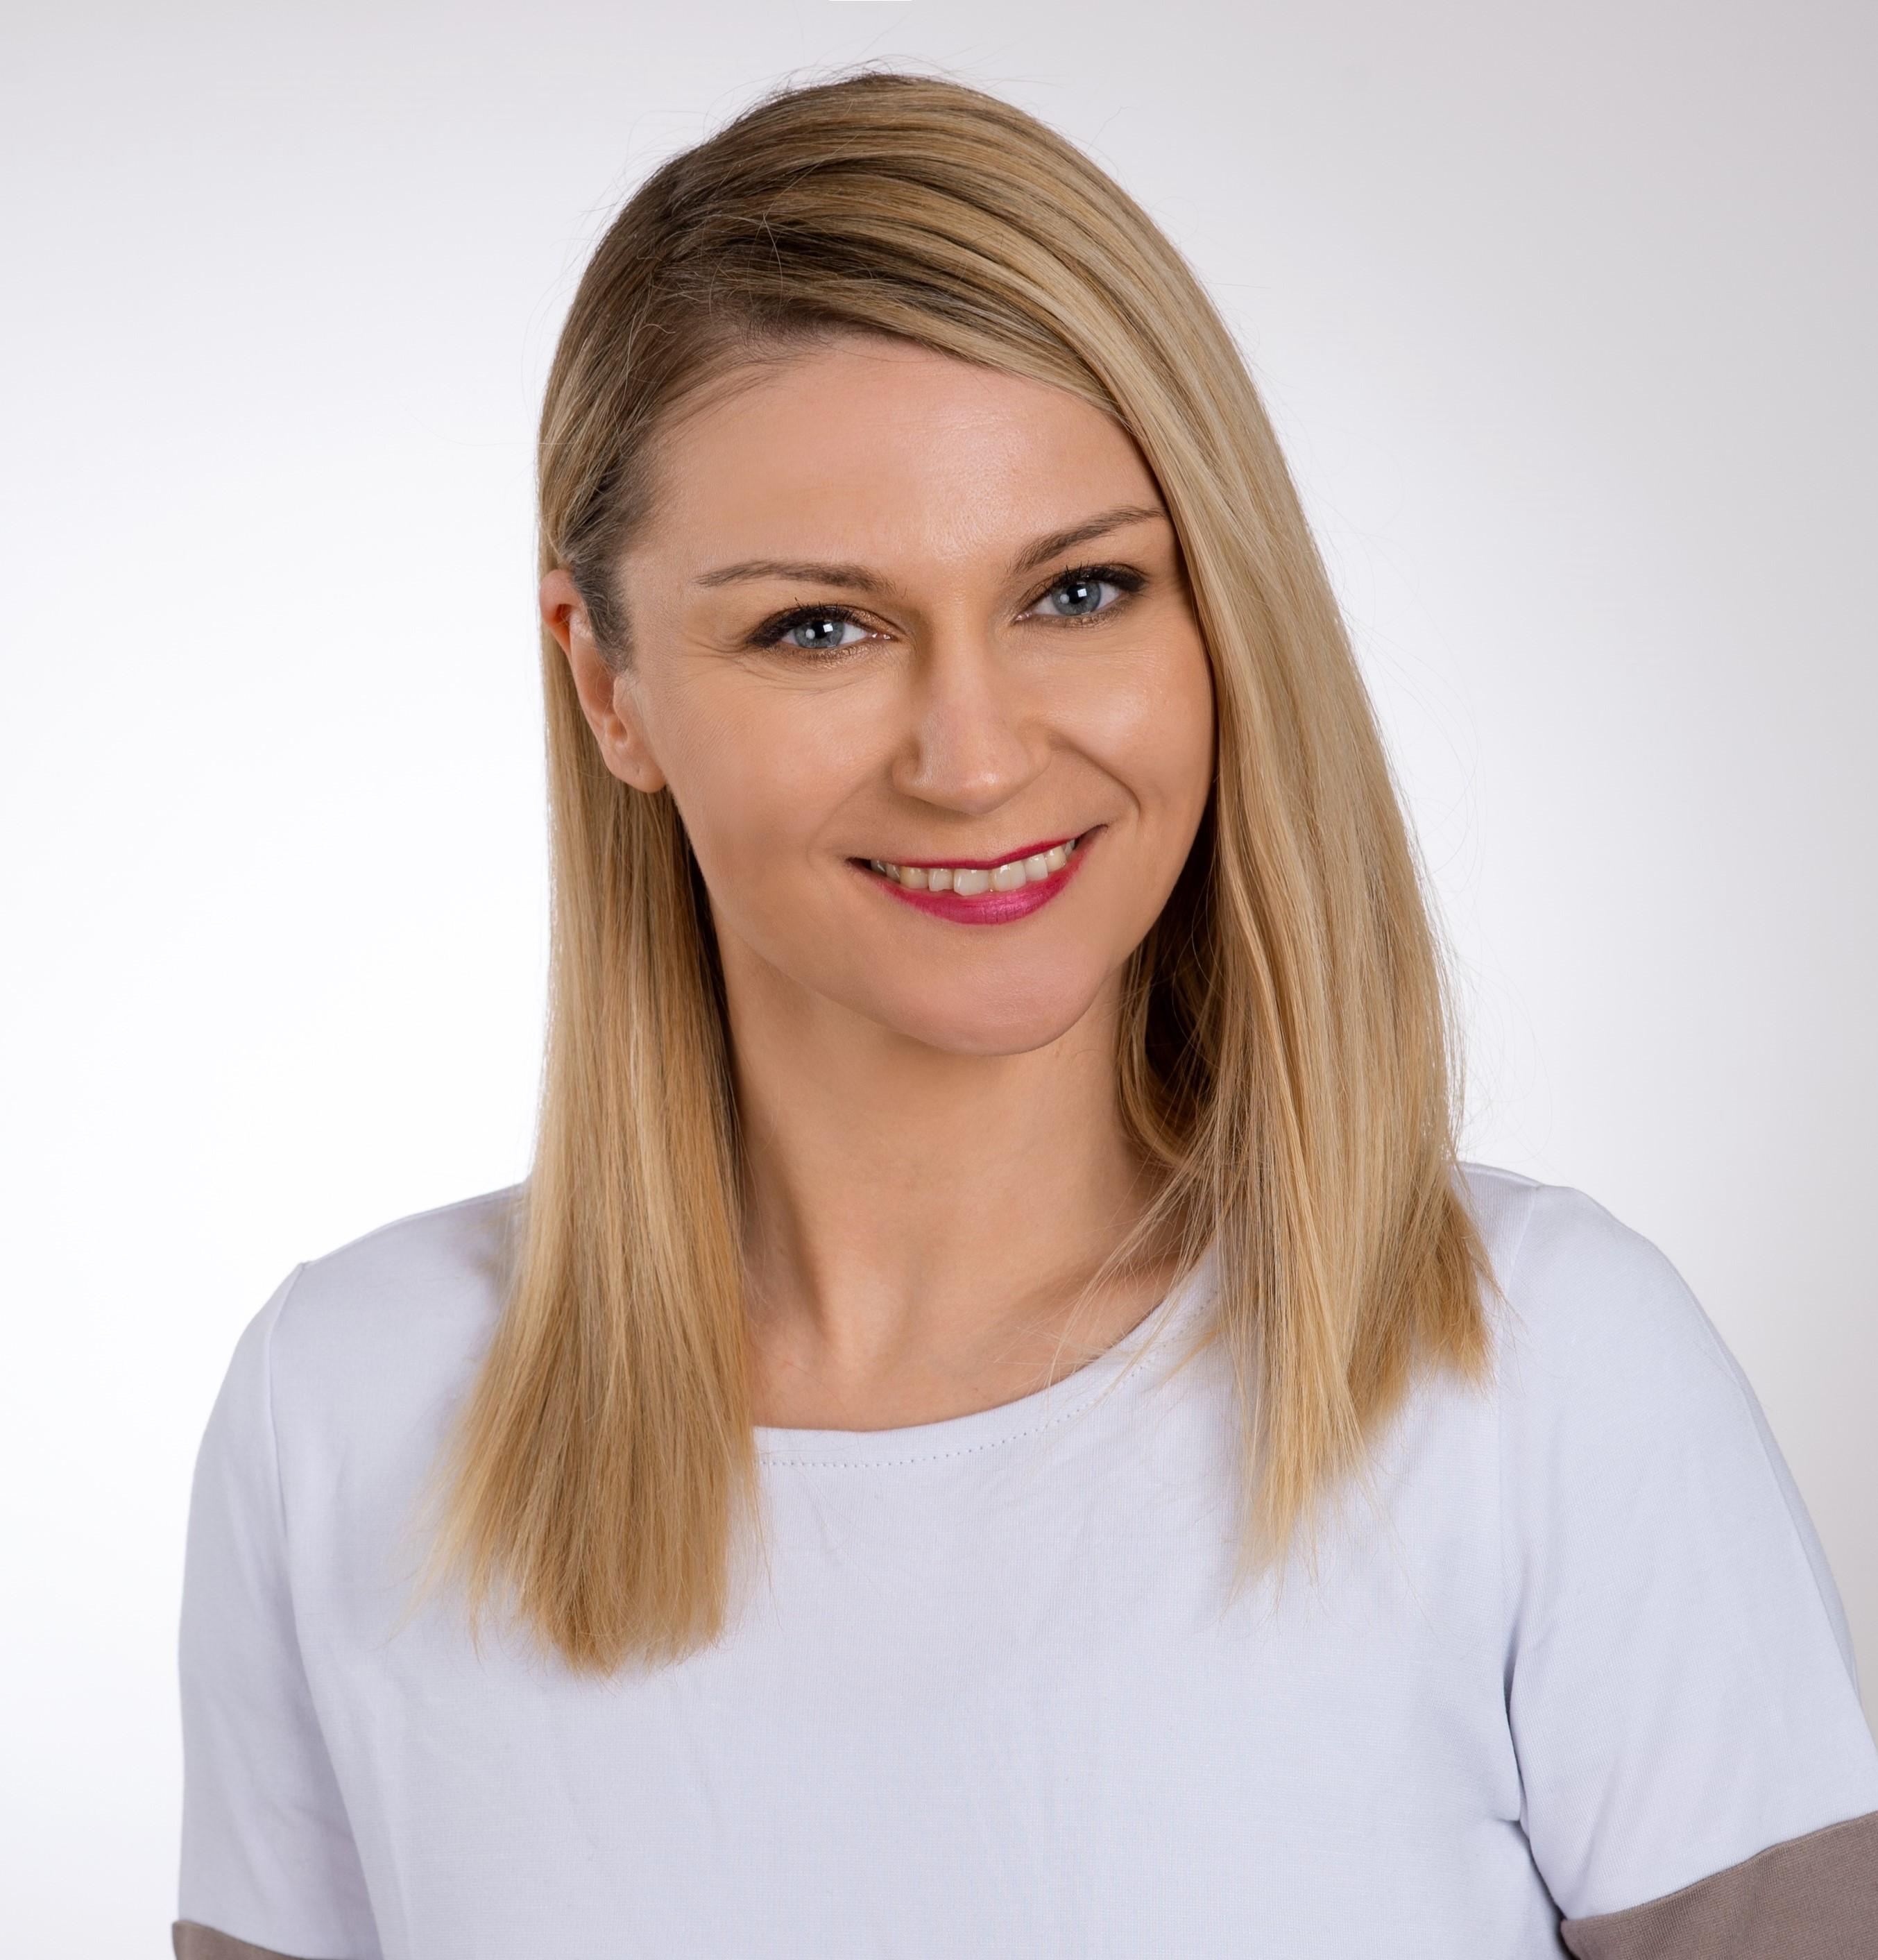 Izabella Skodowska